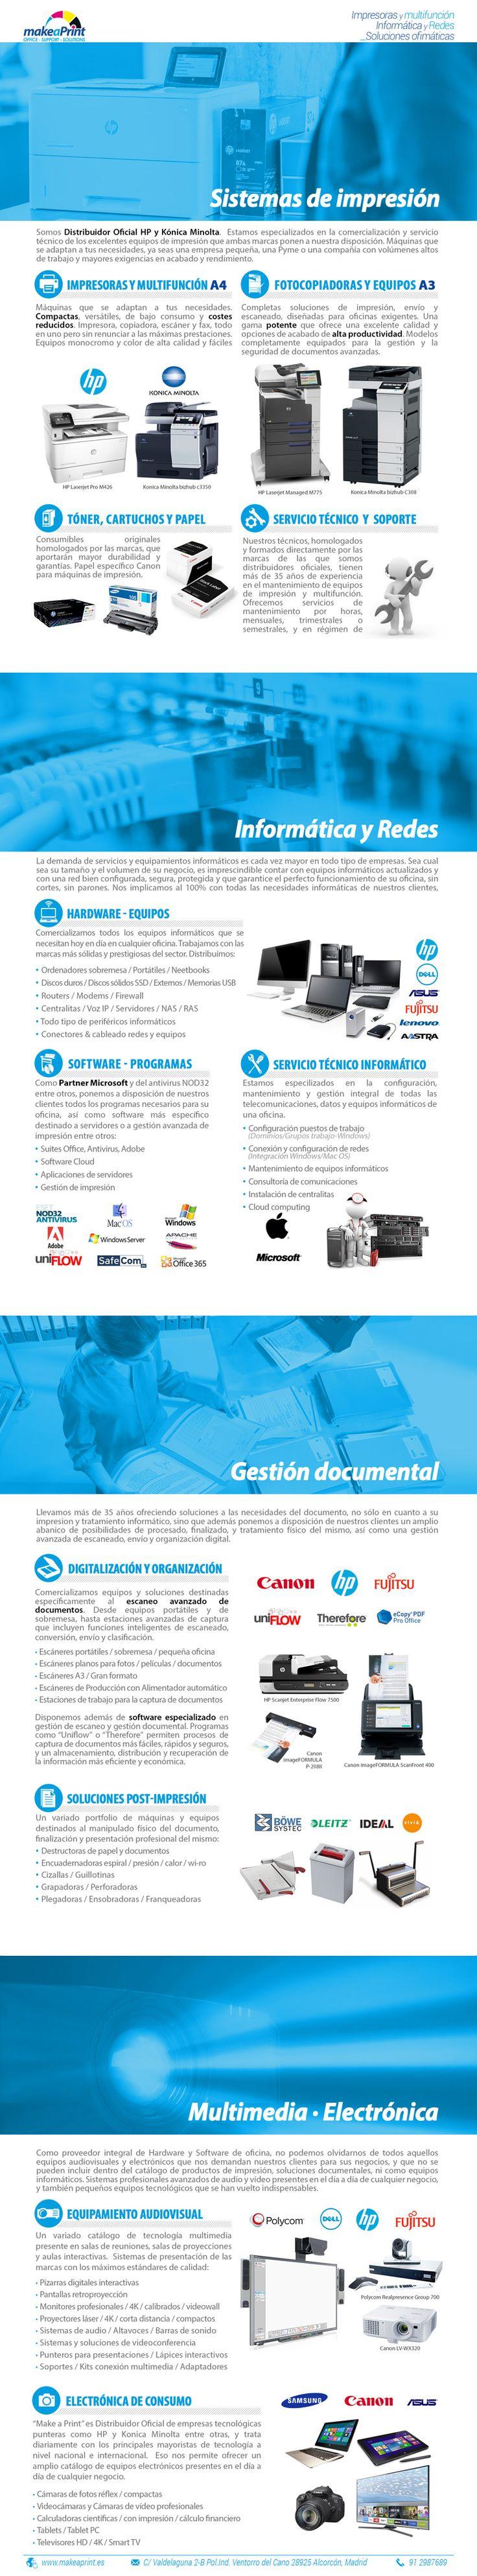 Make a Print se basa en 4 pilares básicos del equipamiento de oficina: -Sistemas de Impresión -Informática y Redes -Gestión documental -Equipos multimedia y electrónica